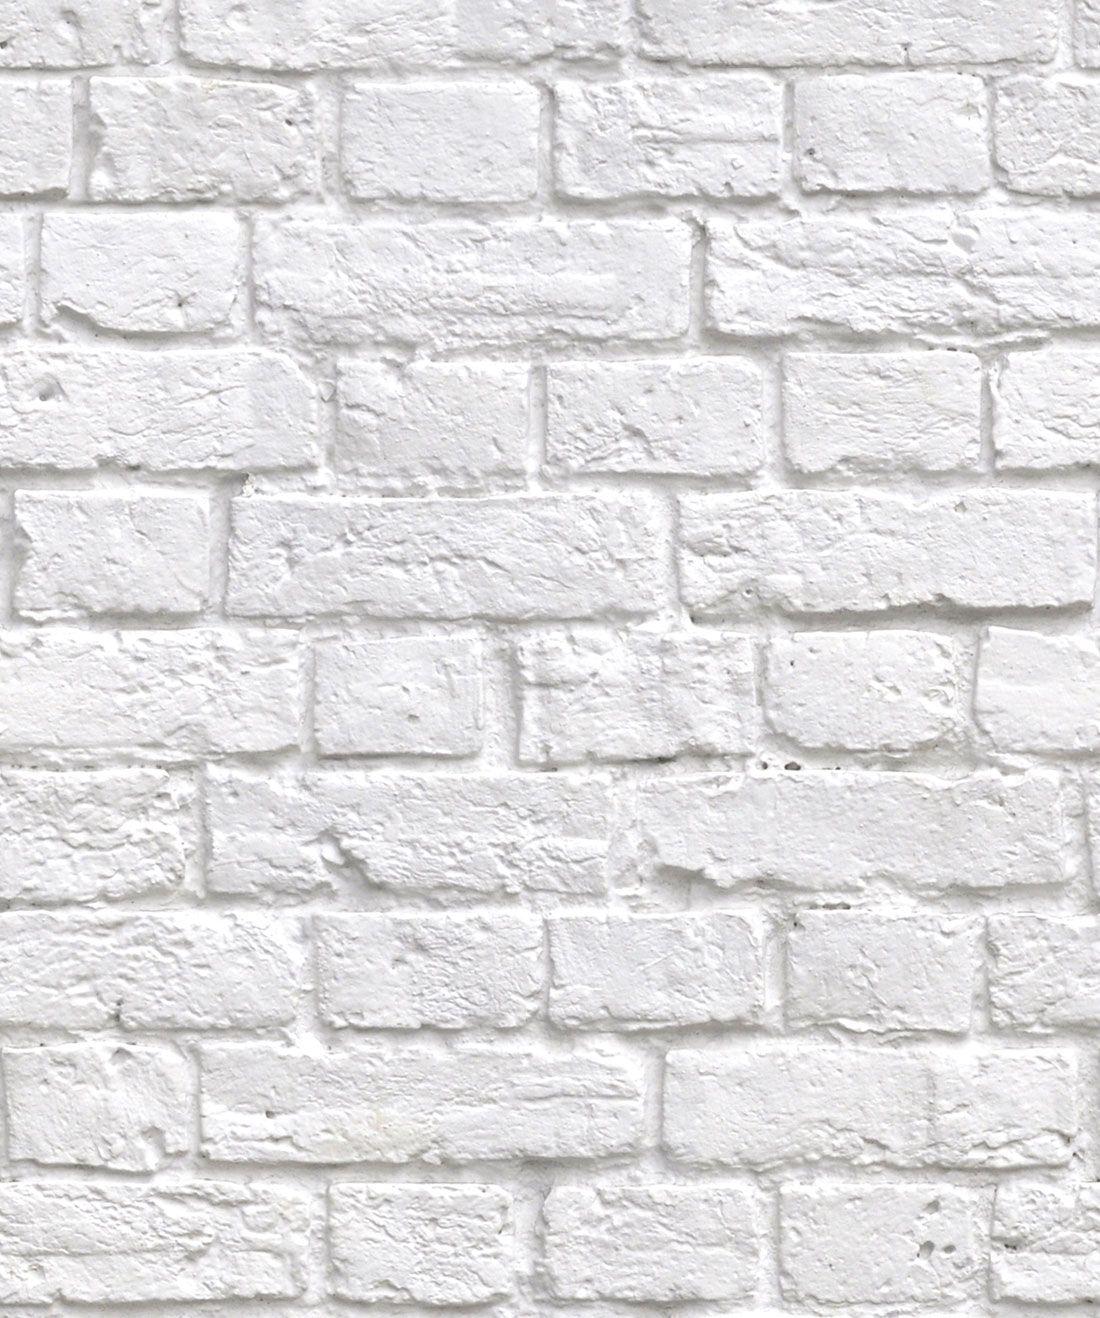 Soft White Bricks Wallpaper Realistic Accurate Bricks Milton King In 2021 White Brick Wallpaper Removable Brick Wallpaper Brick Wallpaper